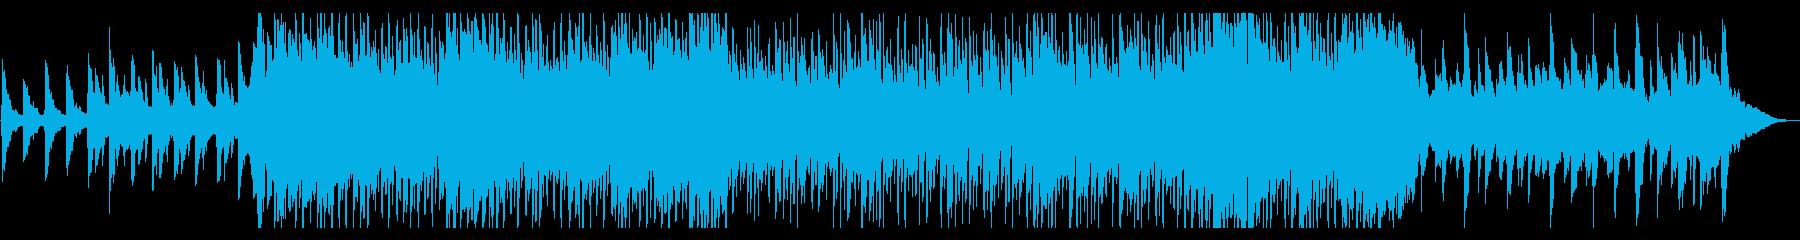 幻想ファンタジー系オープニングケルト風曲の再生済みの波形